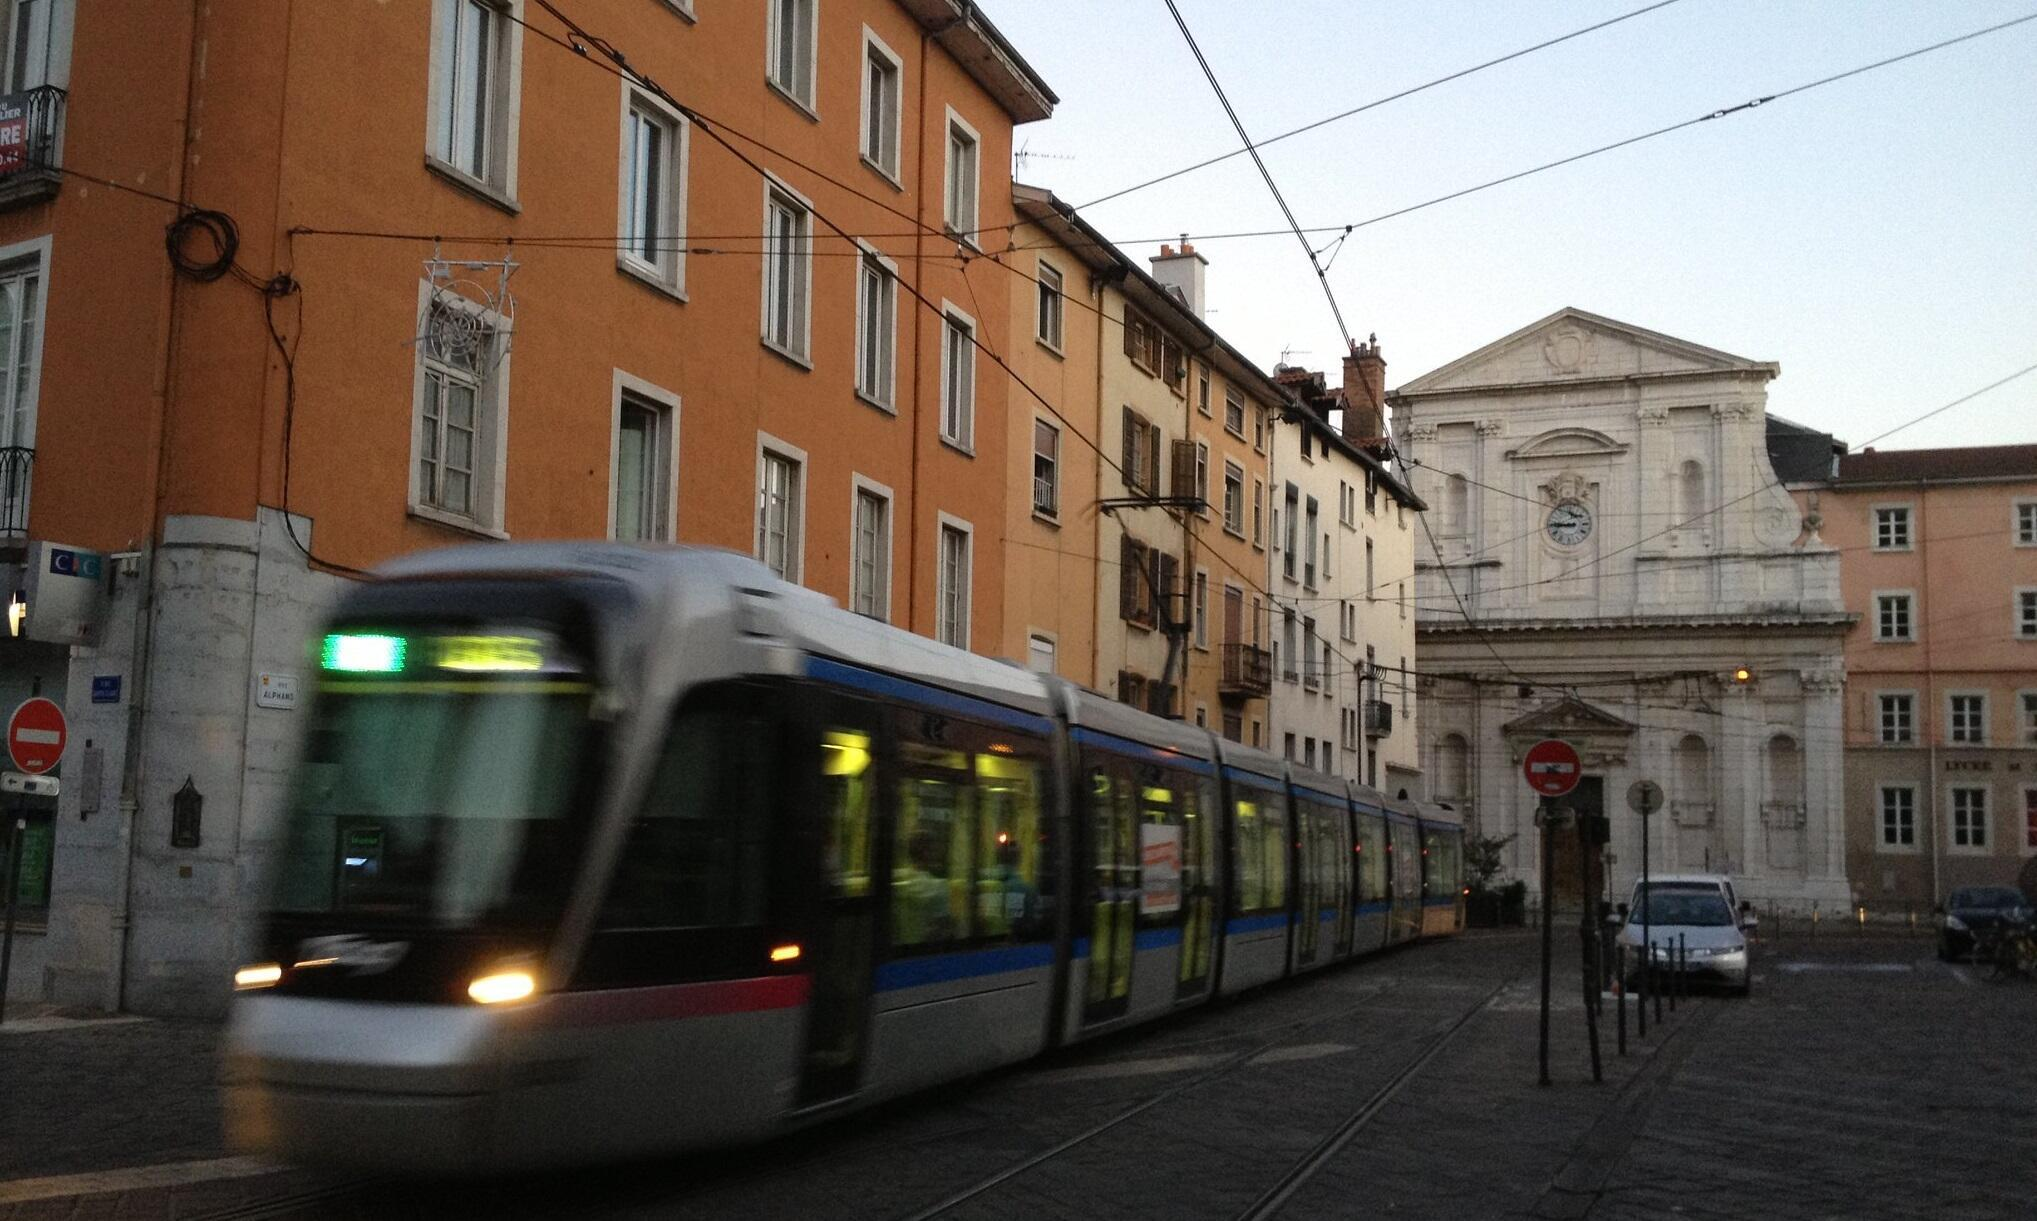 Un tranvía circulando en el centro de Grenoble.